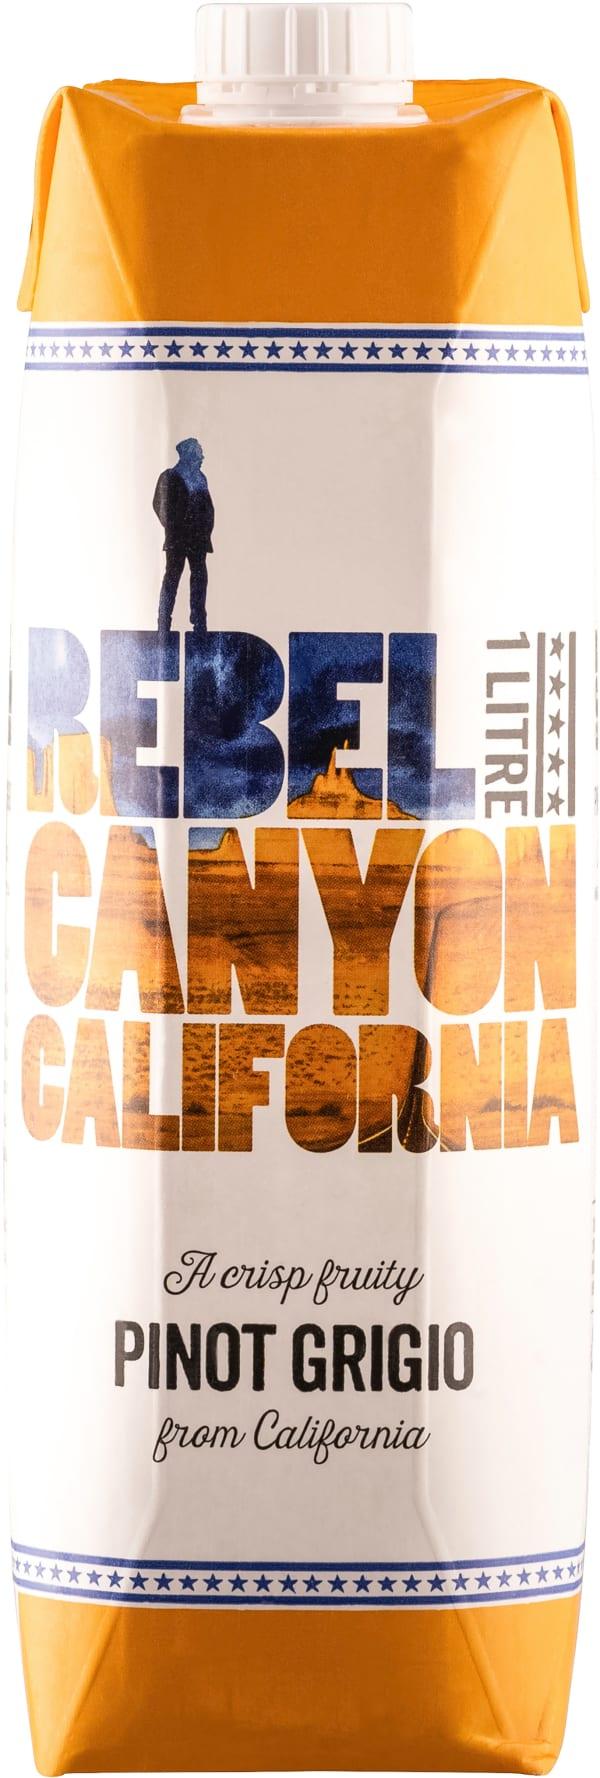 Rebel Canyon California kartongförpackning